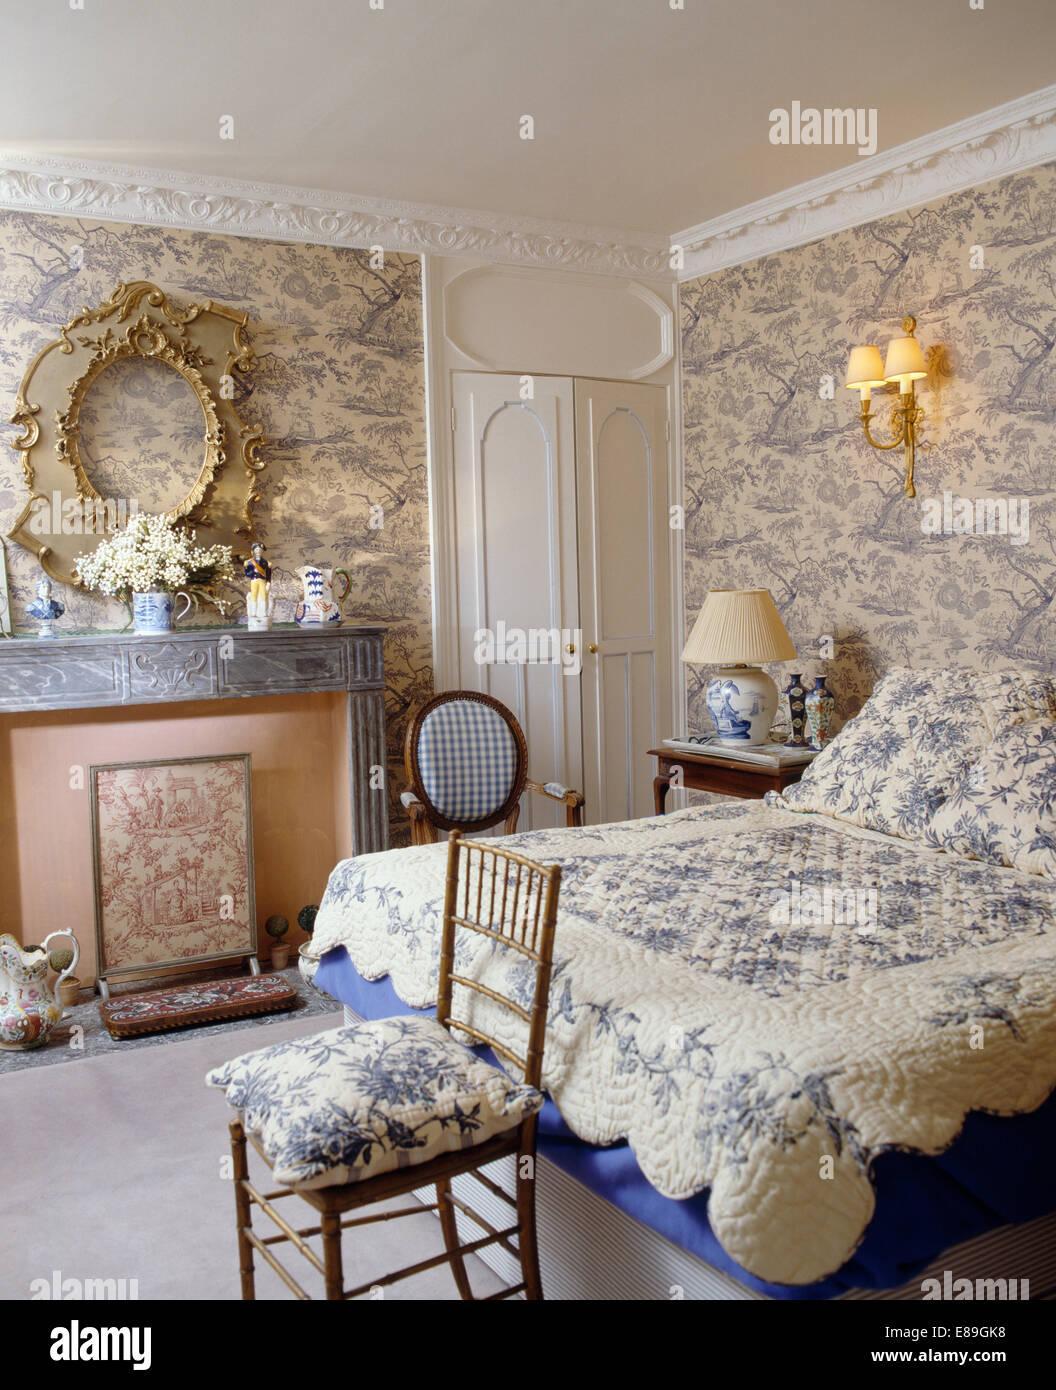 Blaues Toile De Jouy Tapete Im Schlafzimmer Mit Blauen Blumen Quilt